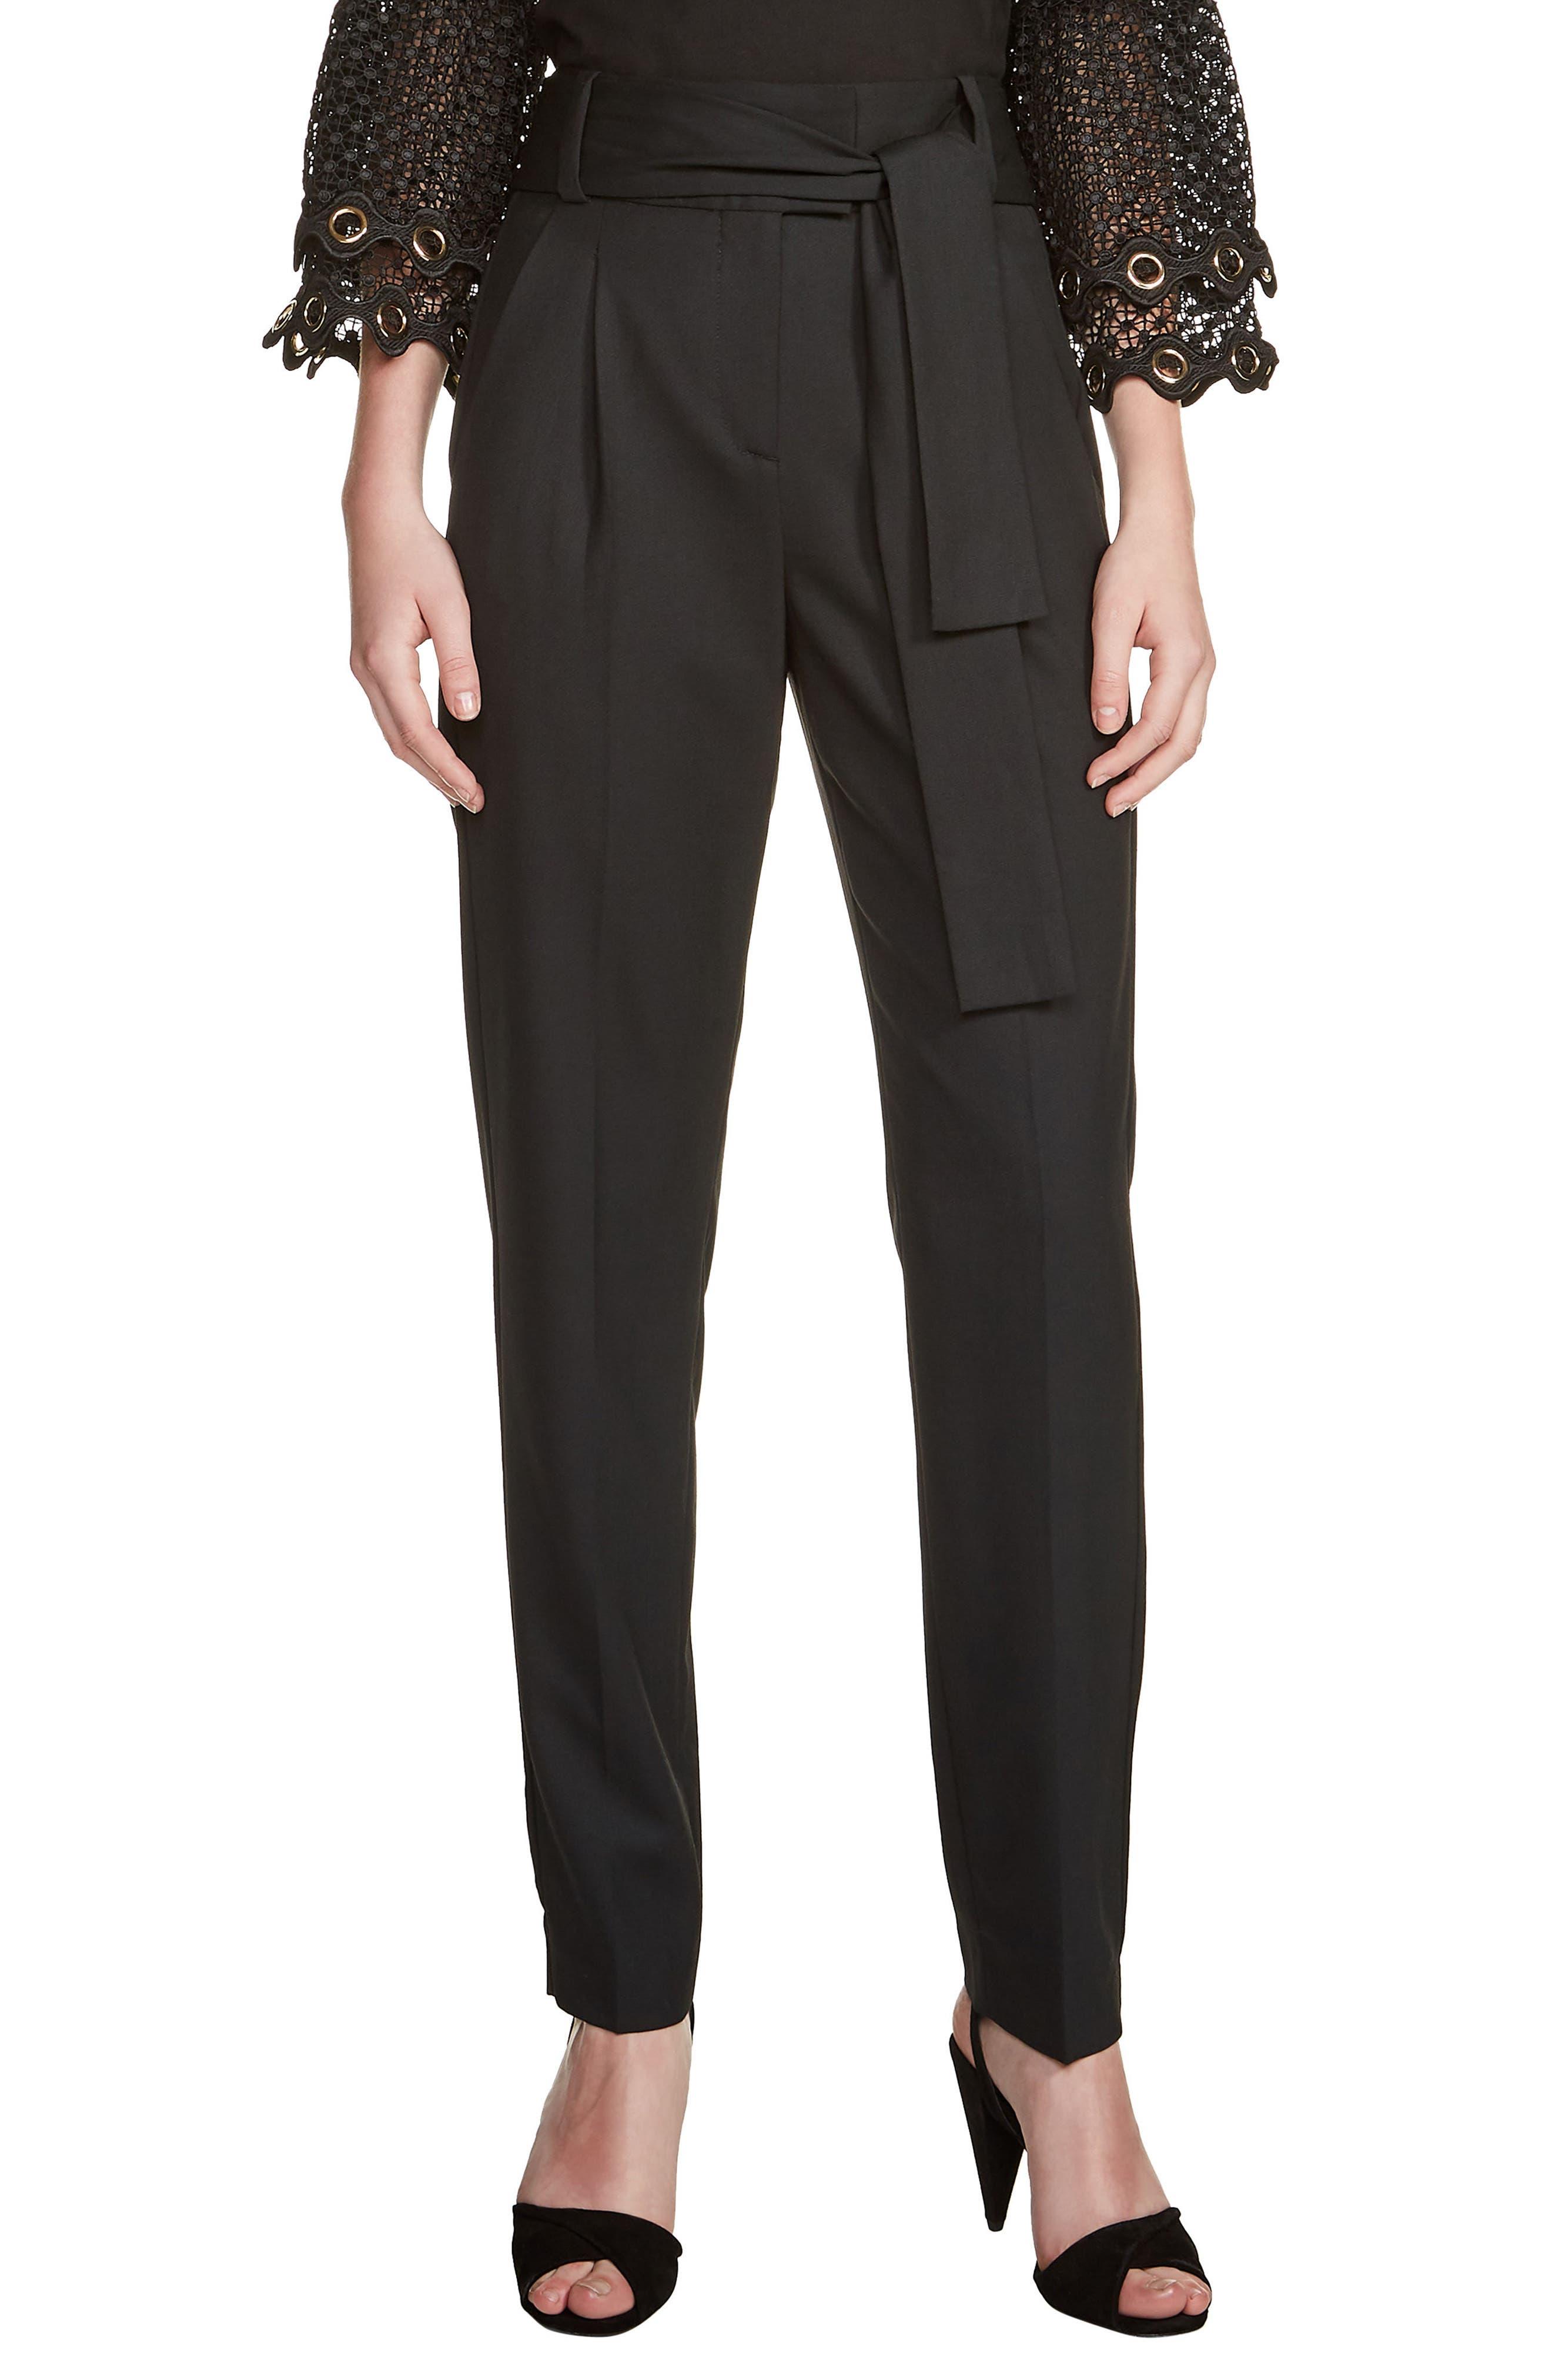 Paris Belted Pleat Front Pants,                         Main,                         color, Black 210